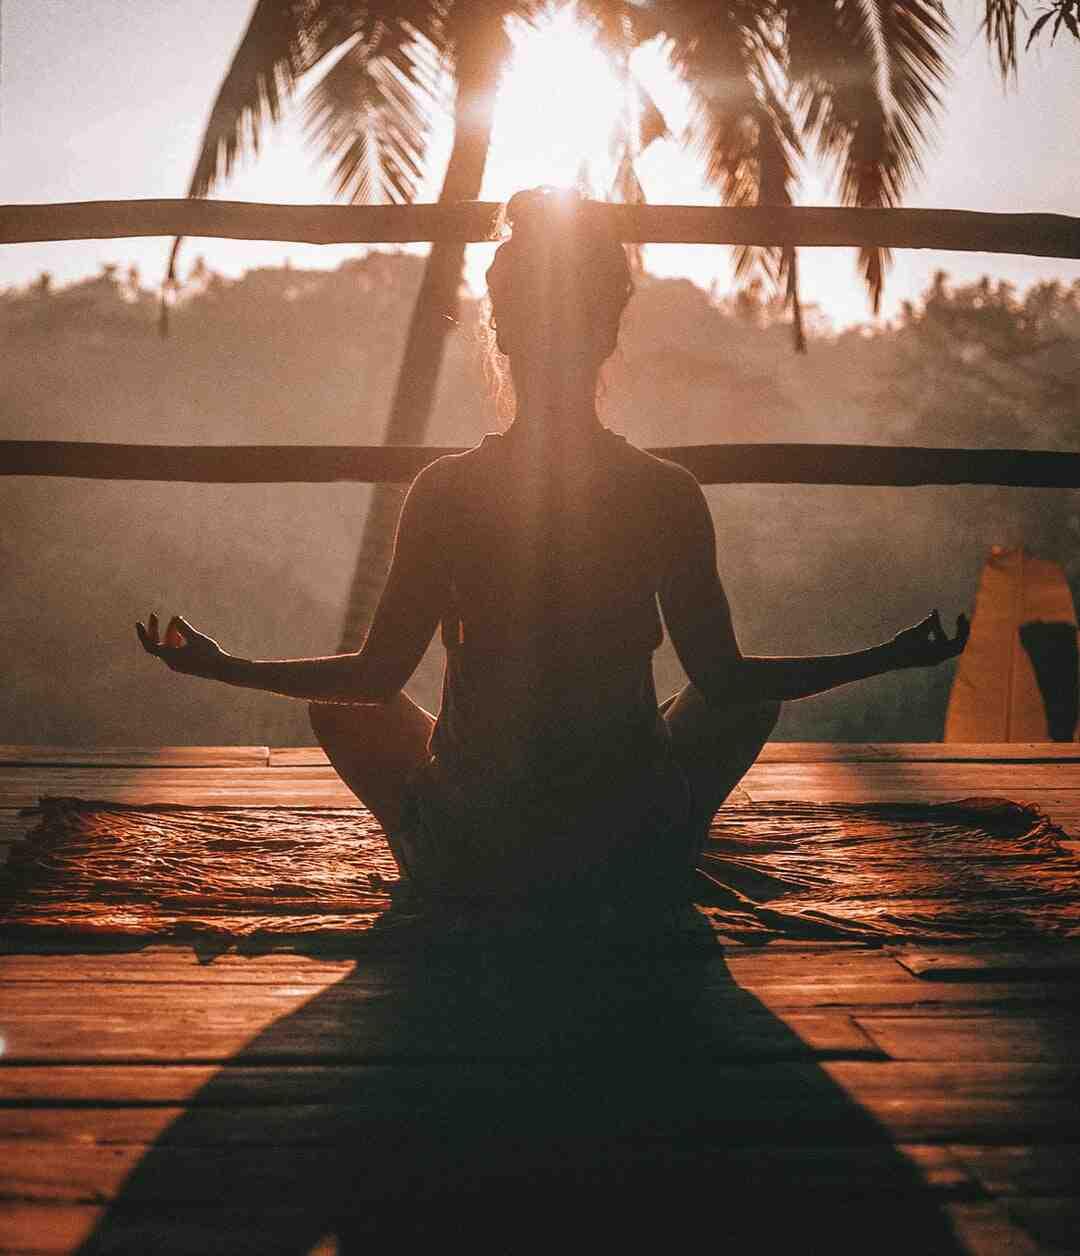 Comment commencer le yoga